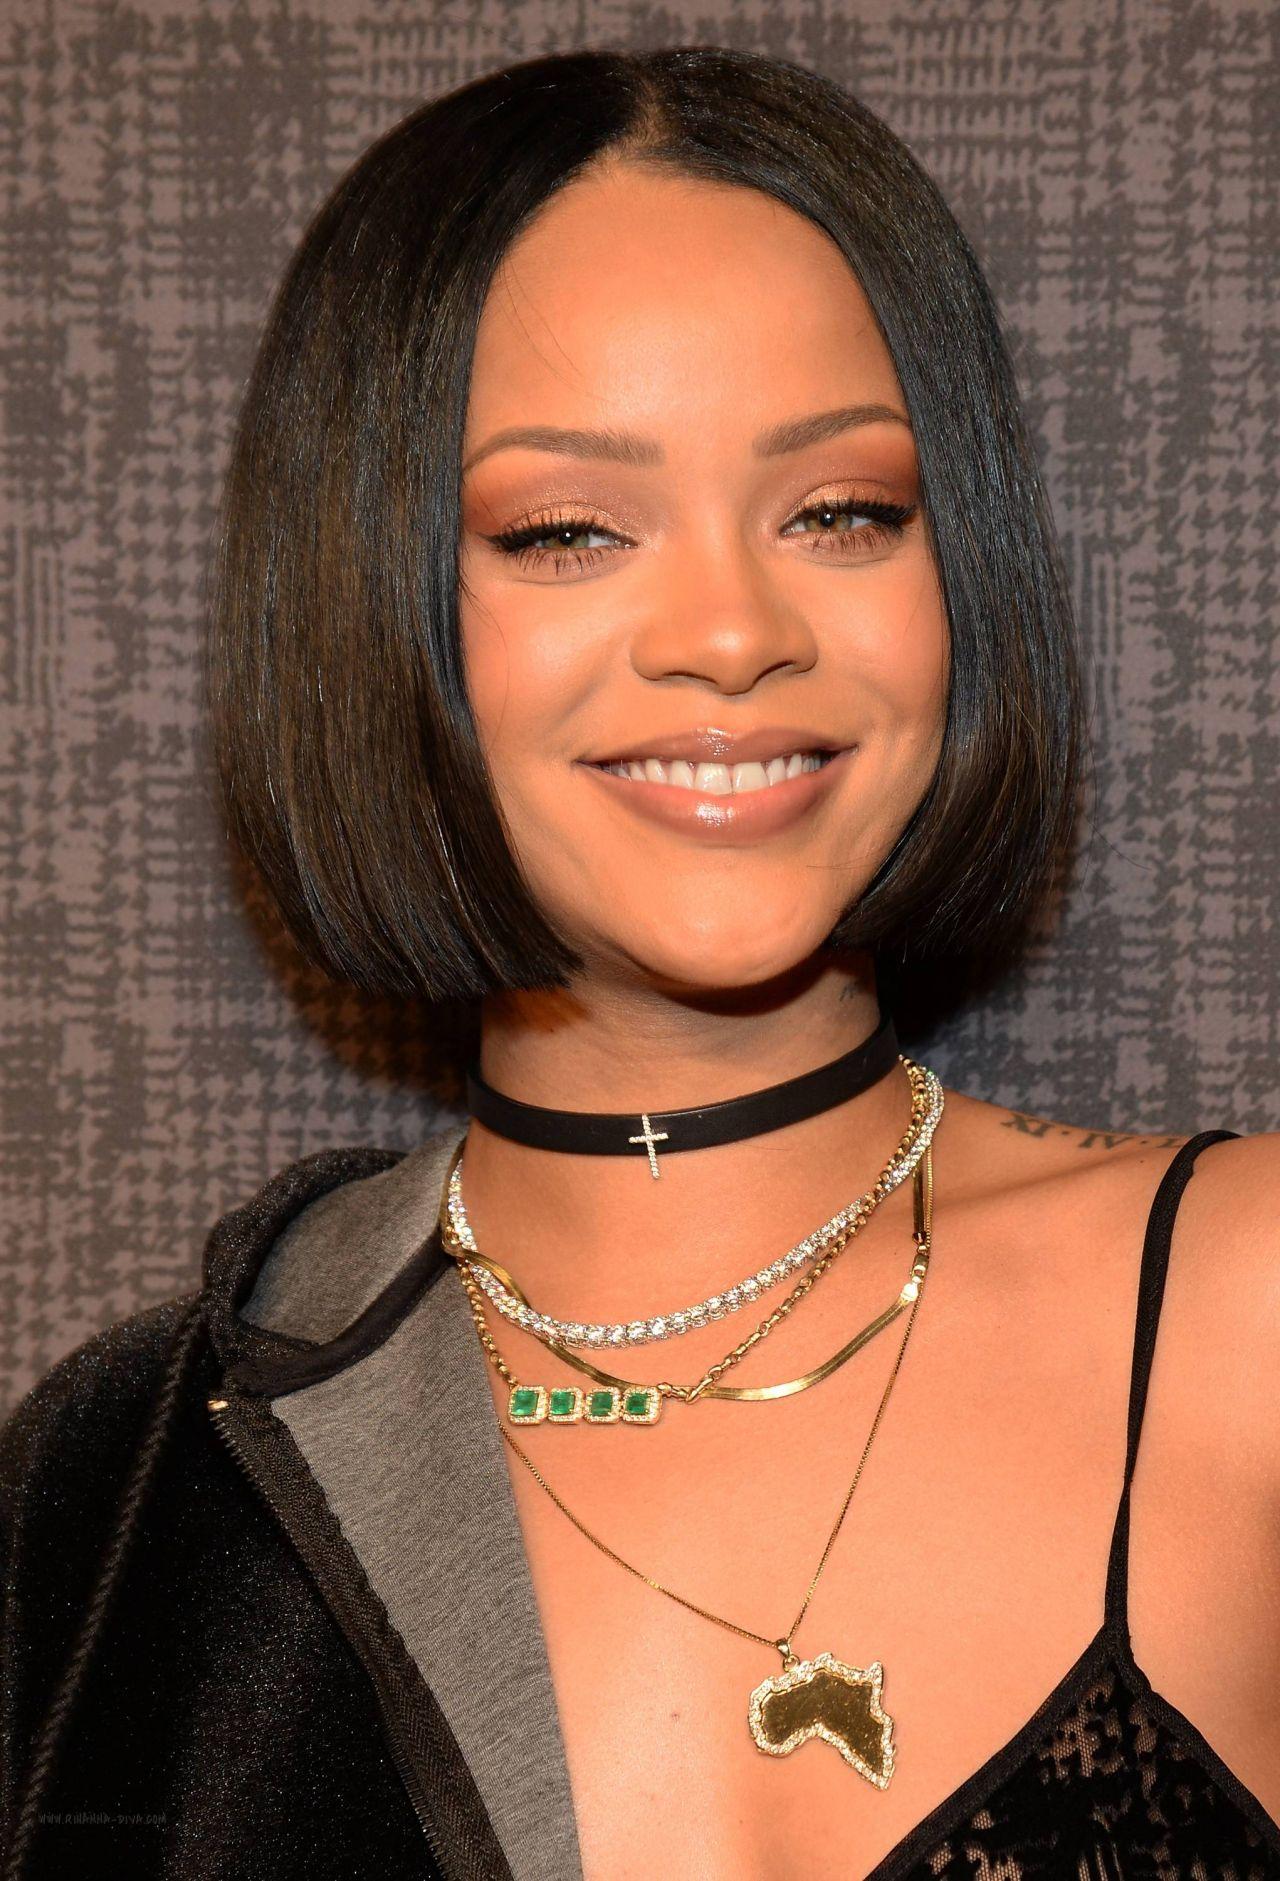 Rihanna - Fenty Puma Fall 2016 Collection - NYFW, February ... Rihanna 2016